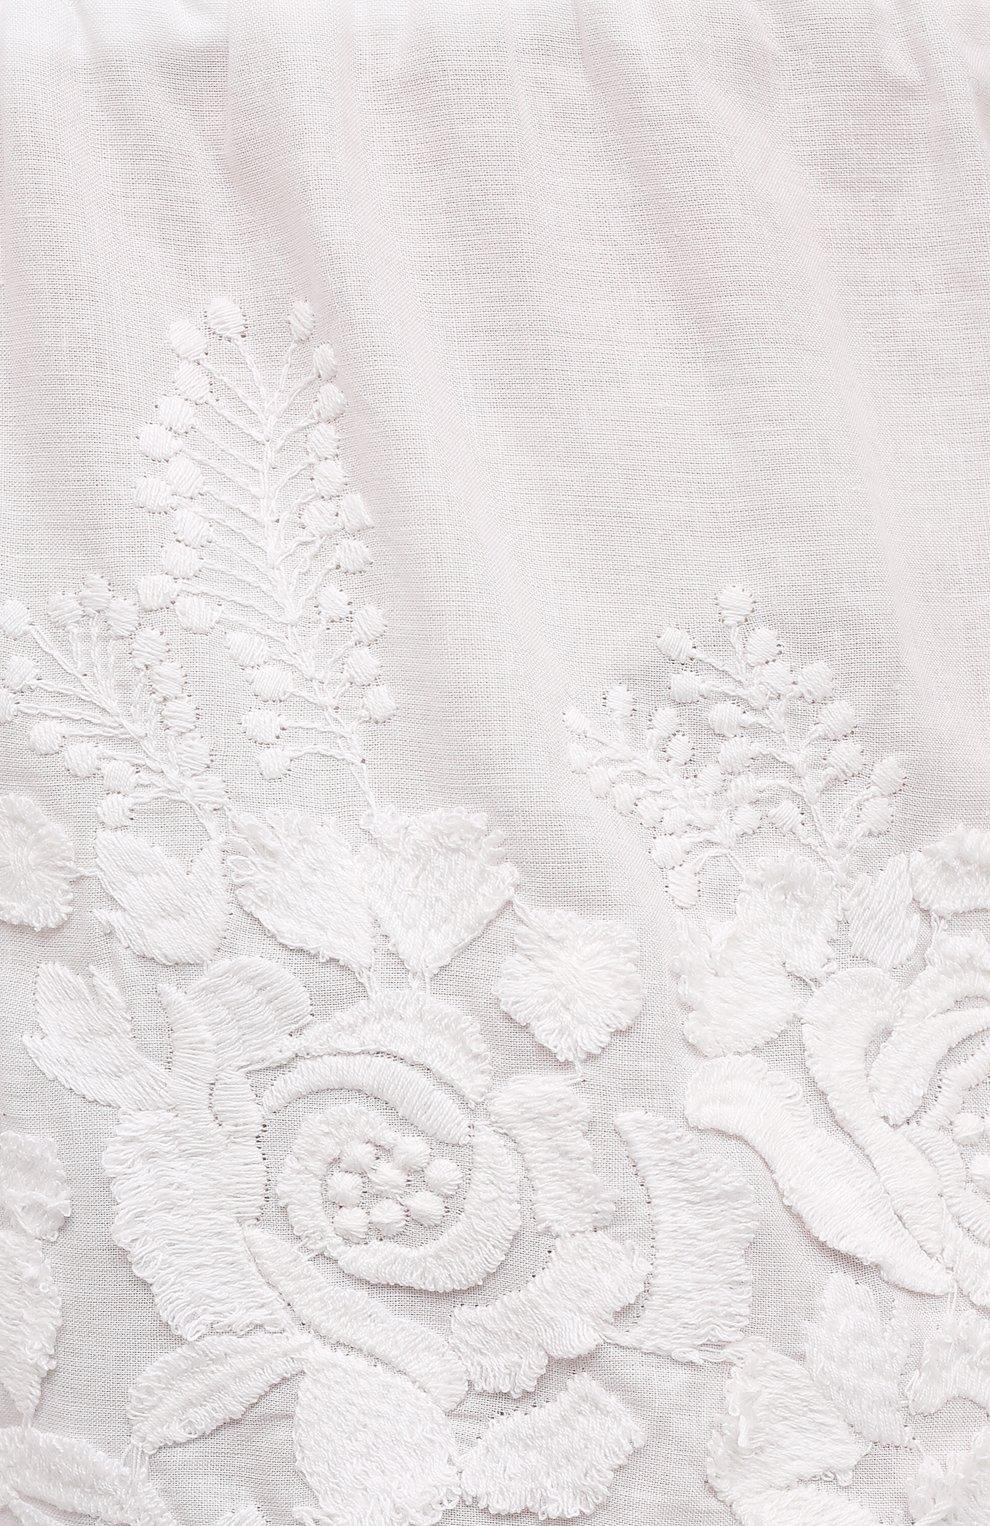 Женские хлопковые шорты EVA B.BITZER светло-бежевого цвета, арт. 10312245 | Фото 5 (Женское Кросс-КТ: Шорты-одежда, Шорты-пляжная одежда; Длина Ж (юбки, платья, шорты): Мини; Материал внешний: Хлопок; Стили: Бохо)